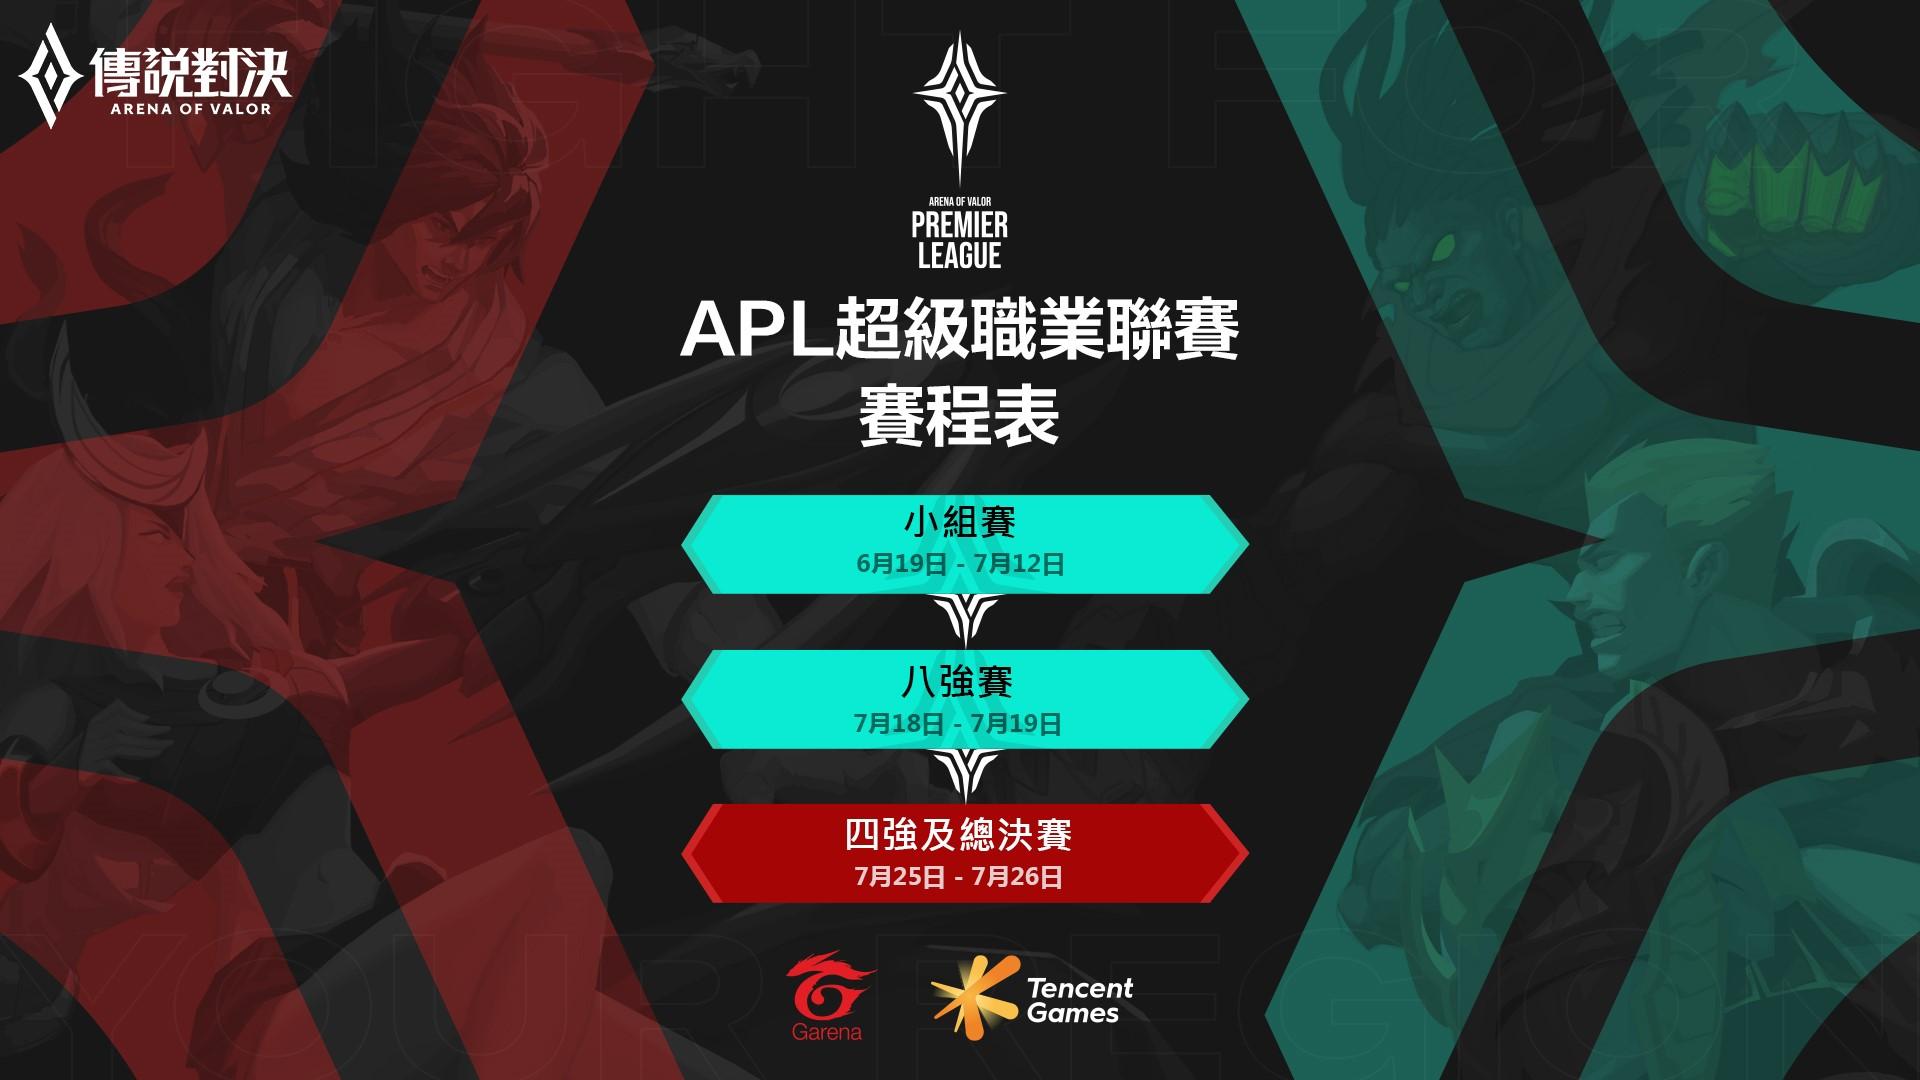 ▲APL超級職業聯賽將於7月25日至26日舉辦四強及總冠軍賽